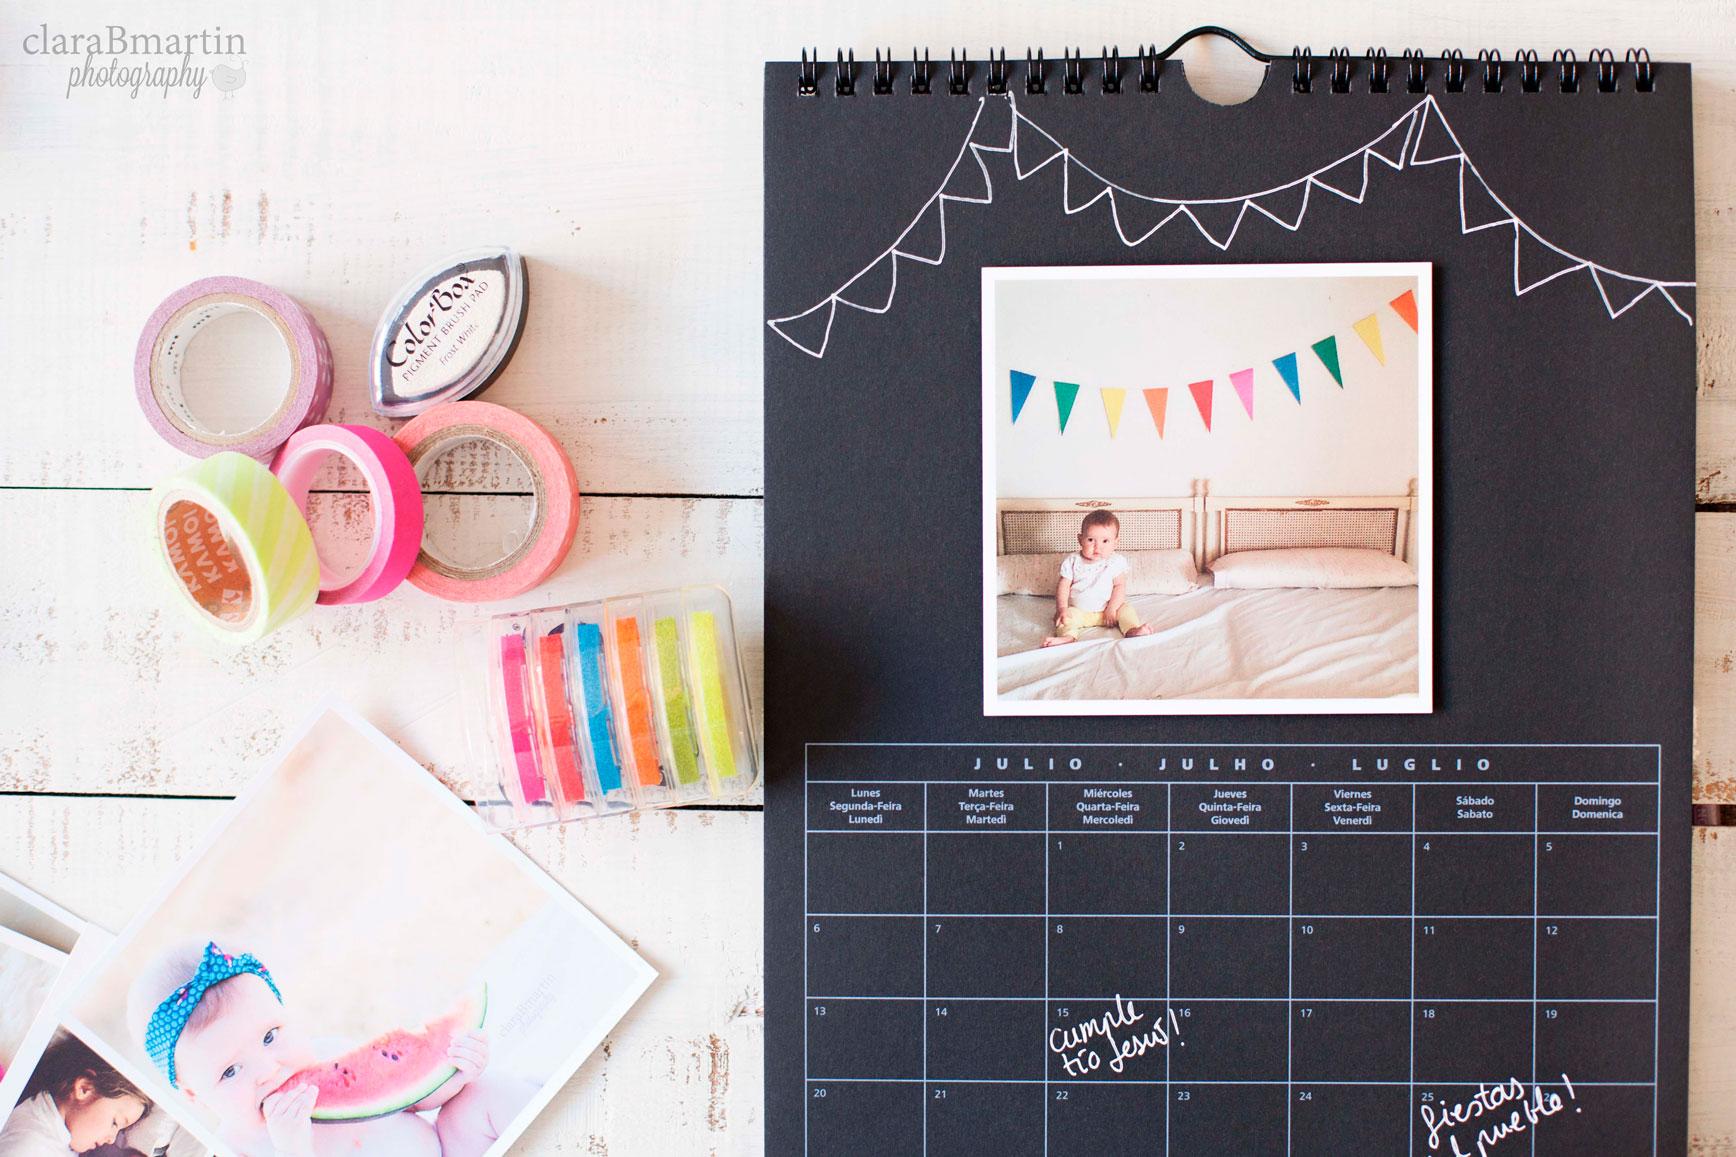 Calendario-DIY_claraBmartin10